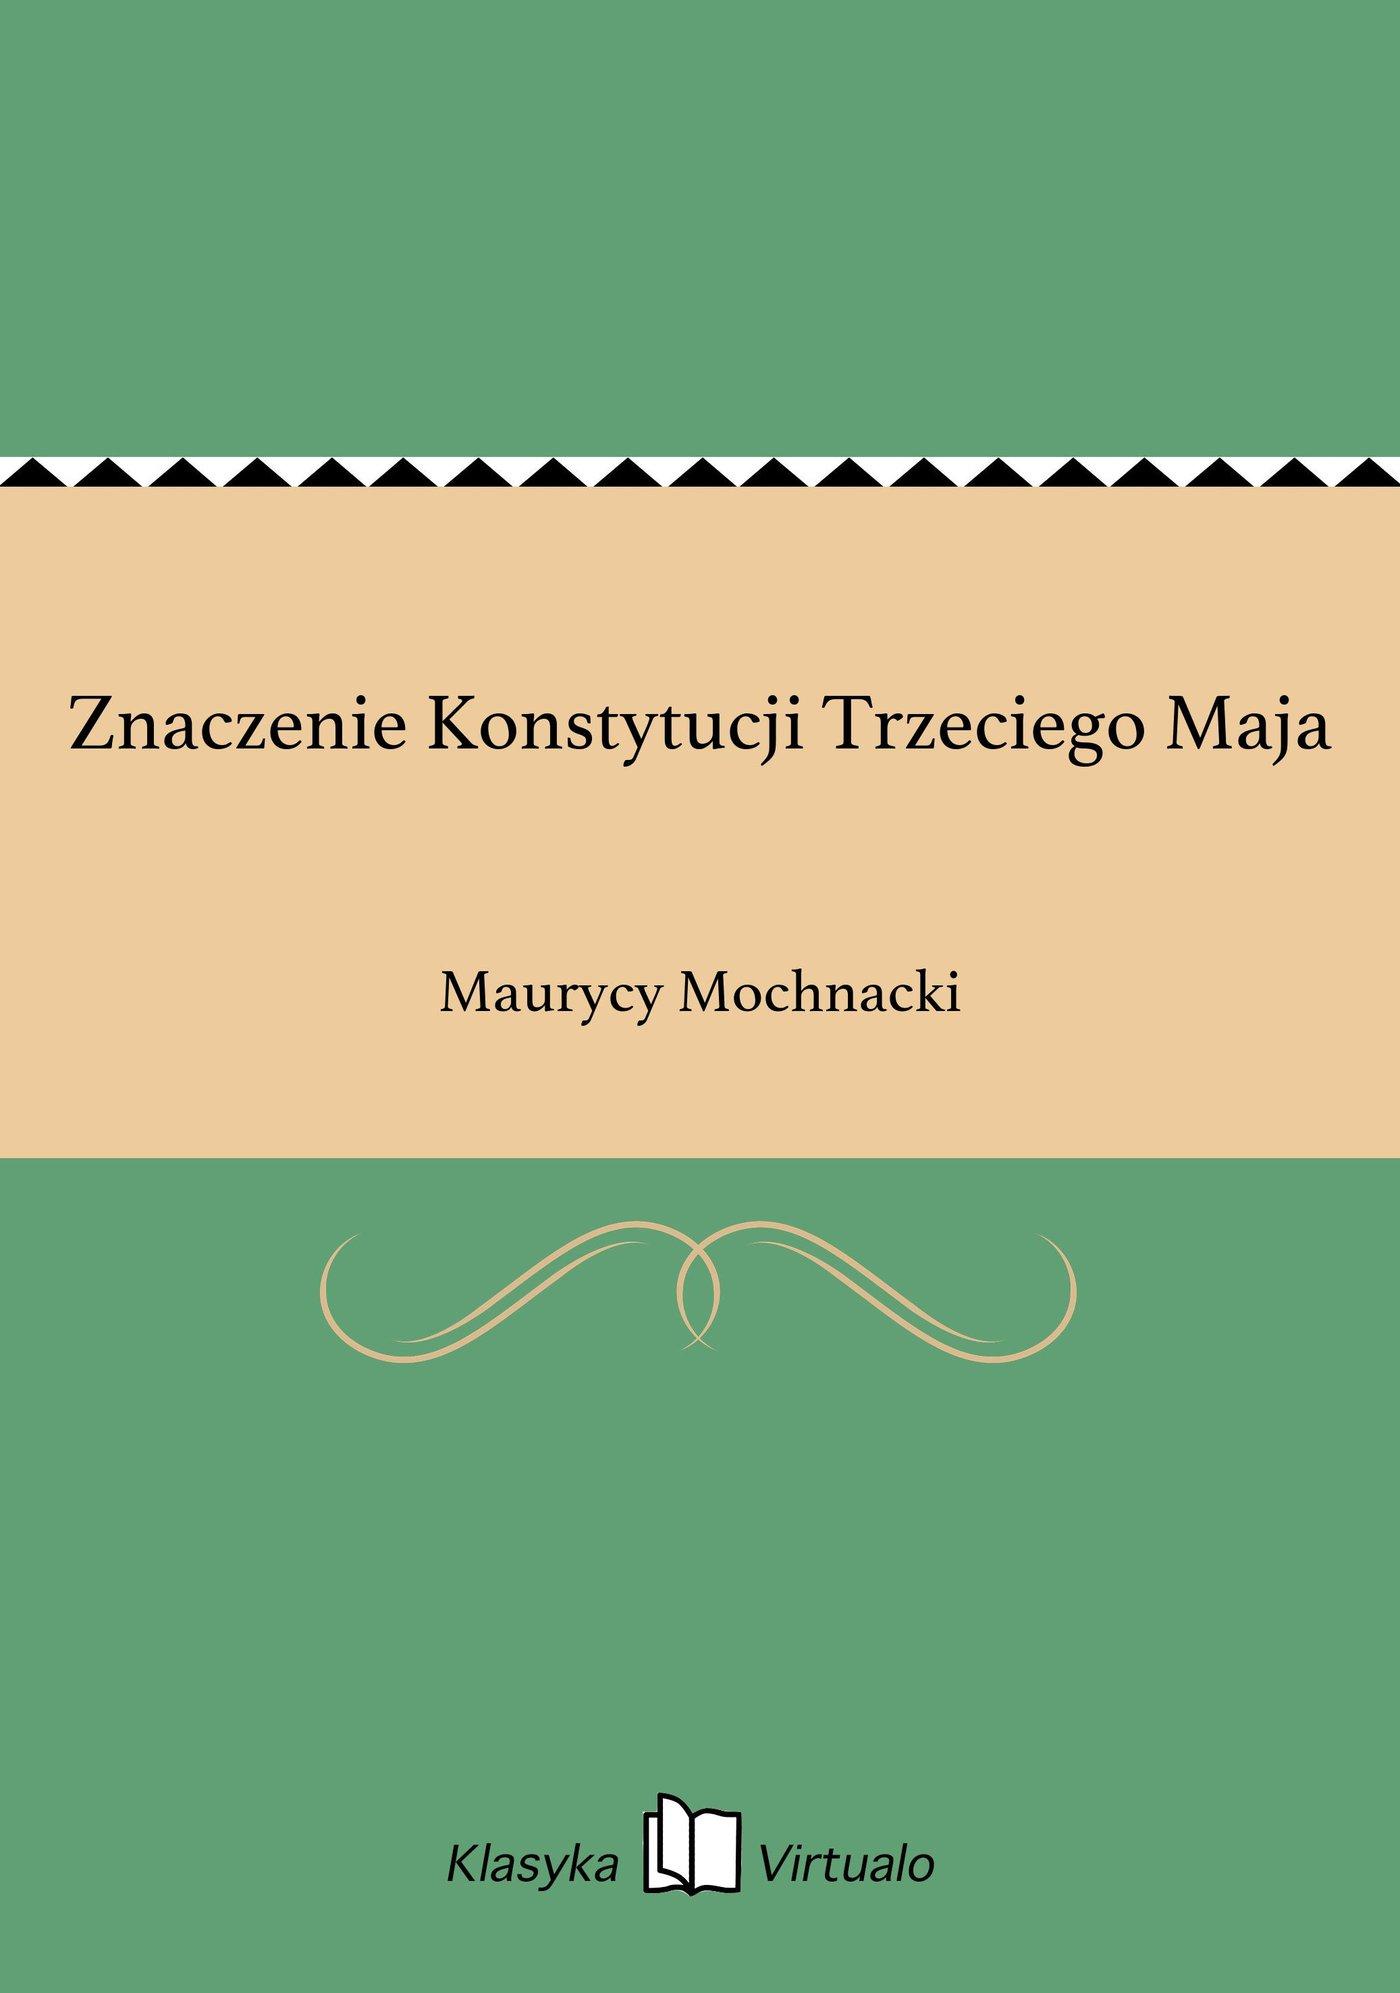 Znaczenie Konstytucji Trzeciego Maja - Ebook (Książka EPUB) do pobrania w formacie EPUB